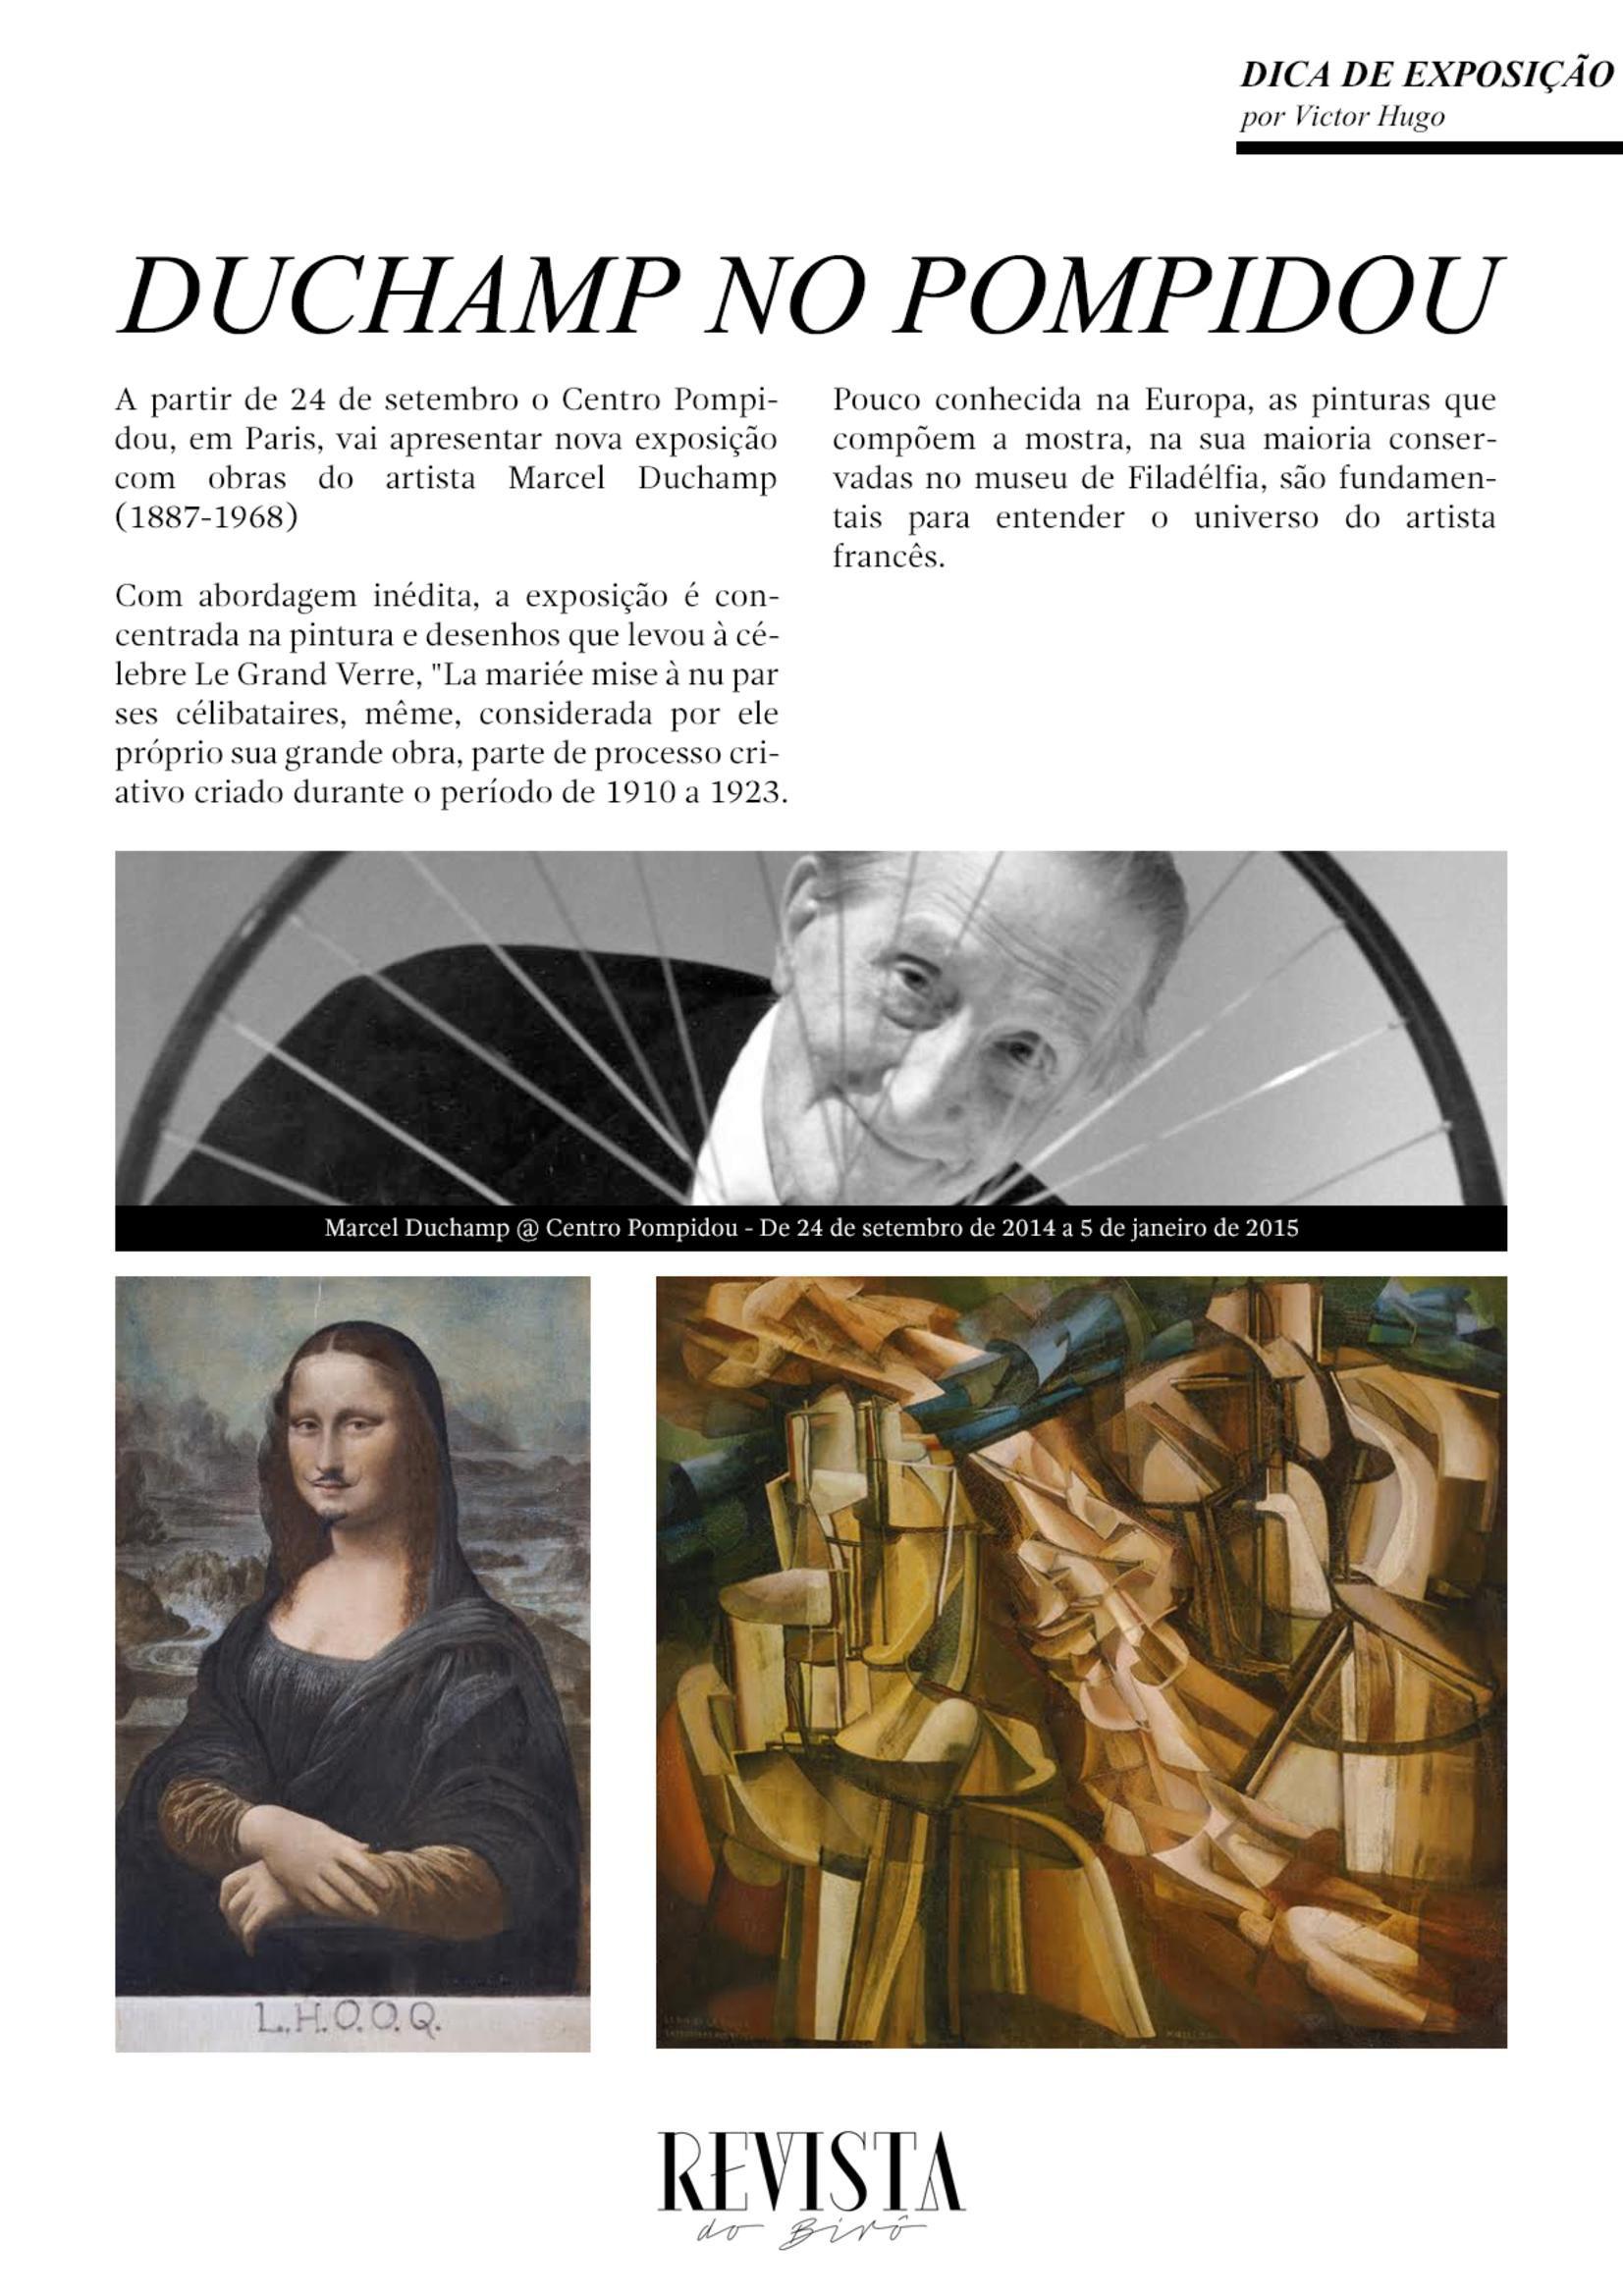 Para ver a edição completa acesse:http://www.revistadobiro.com.br/revista-do-biro-3/